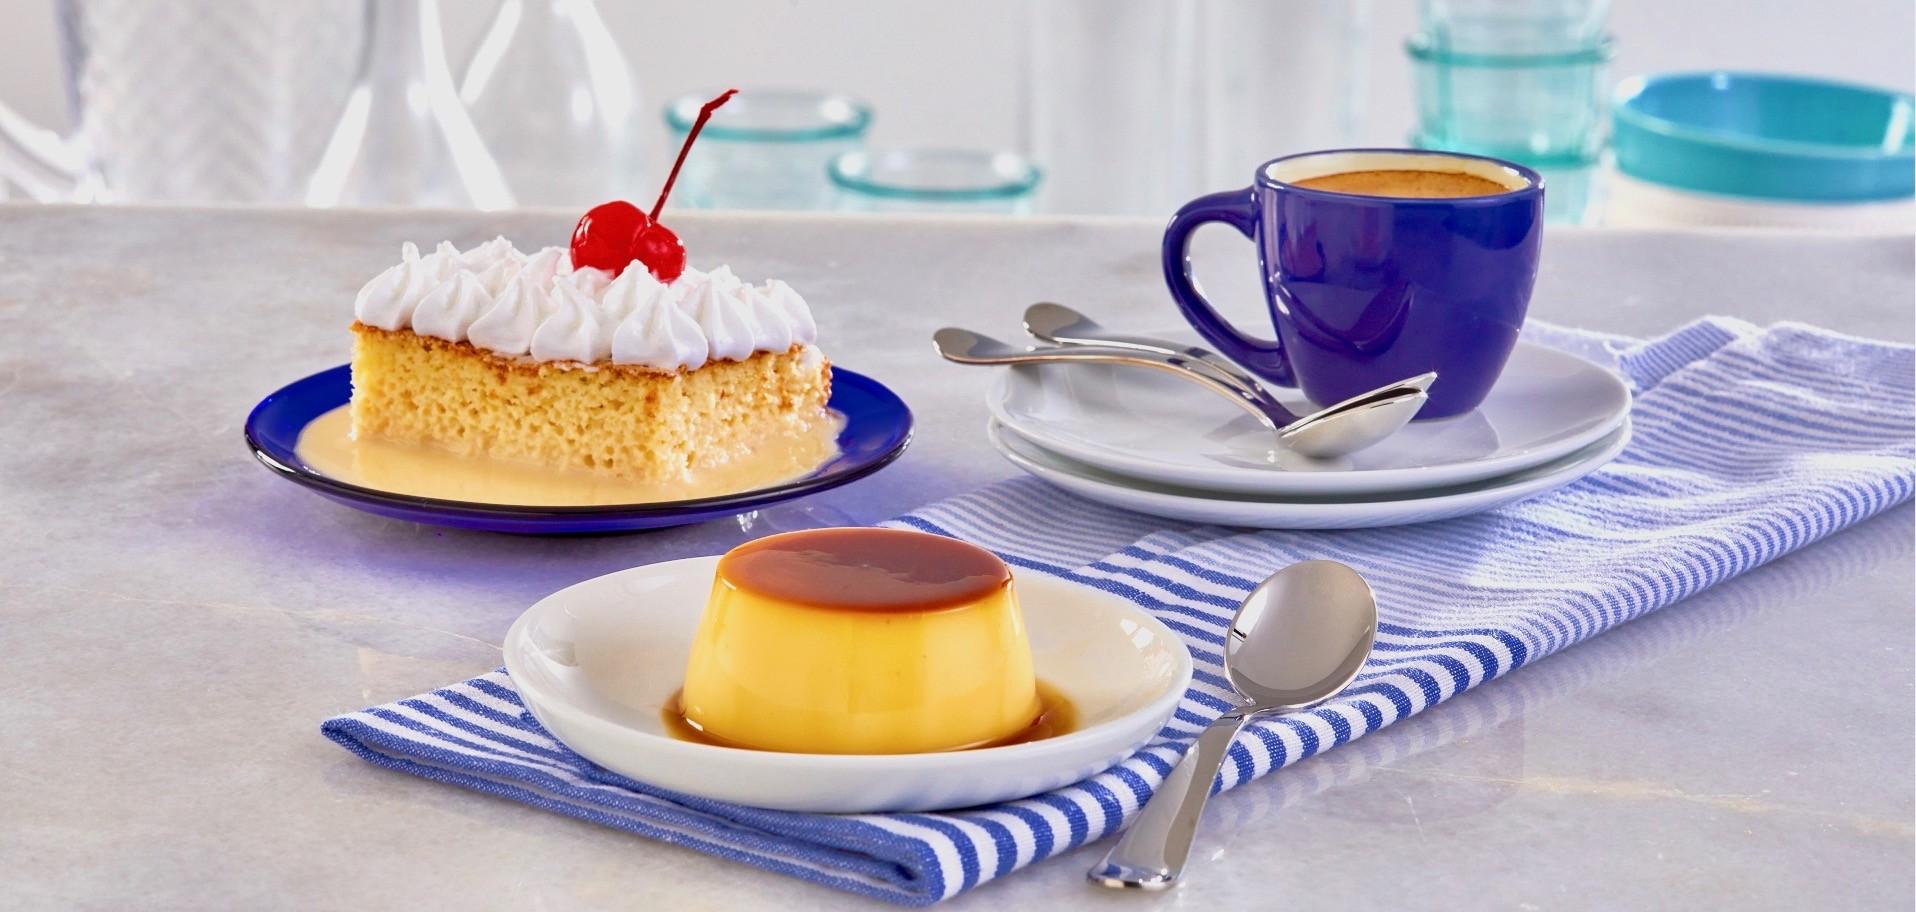 Lila's Desserts